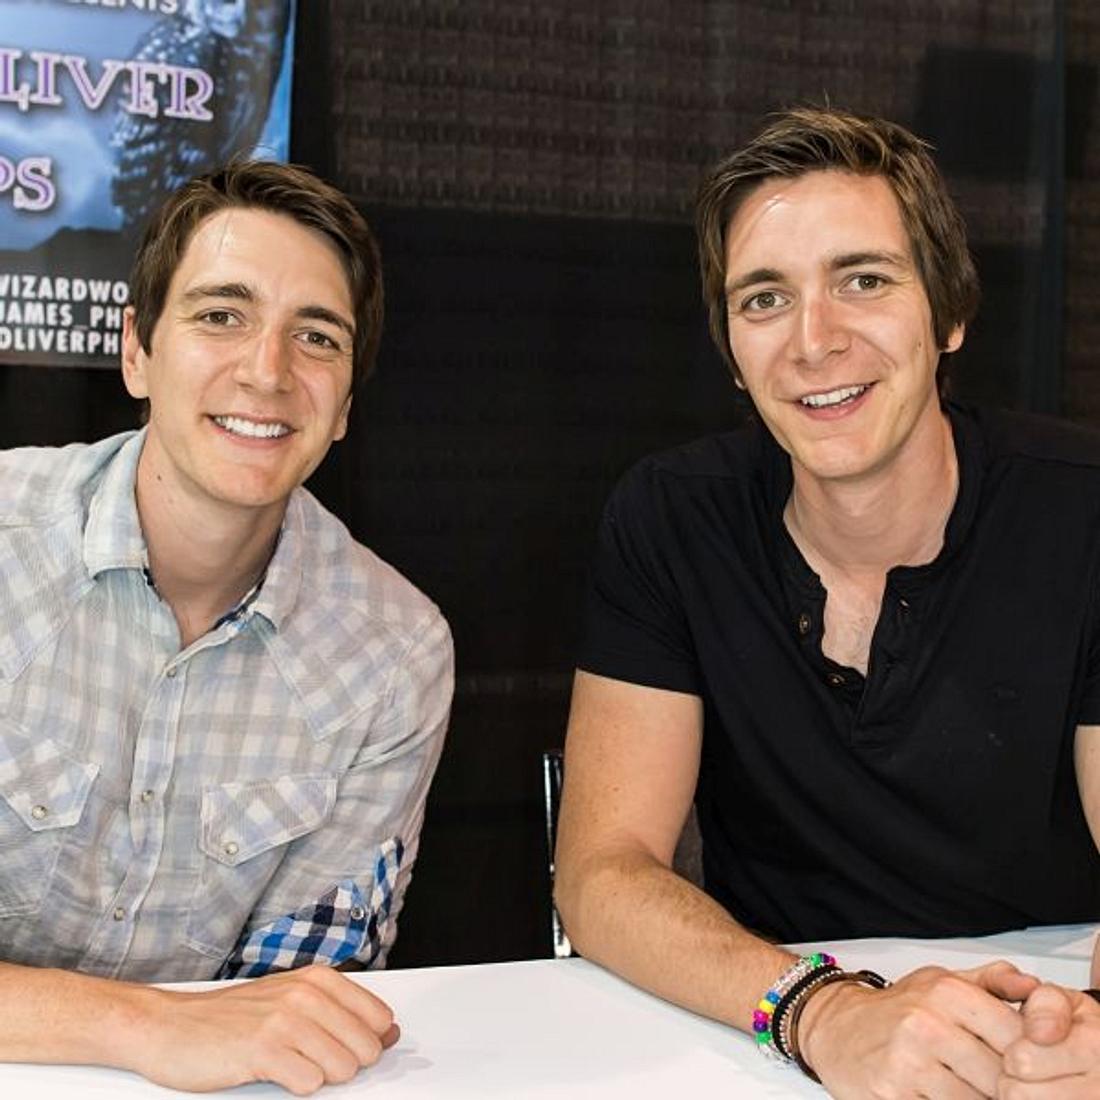 Harry Potter-Zwillinge: So erwachsen sind die Weasley-Zwillinge geworden!